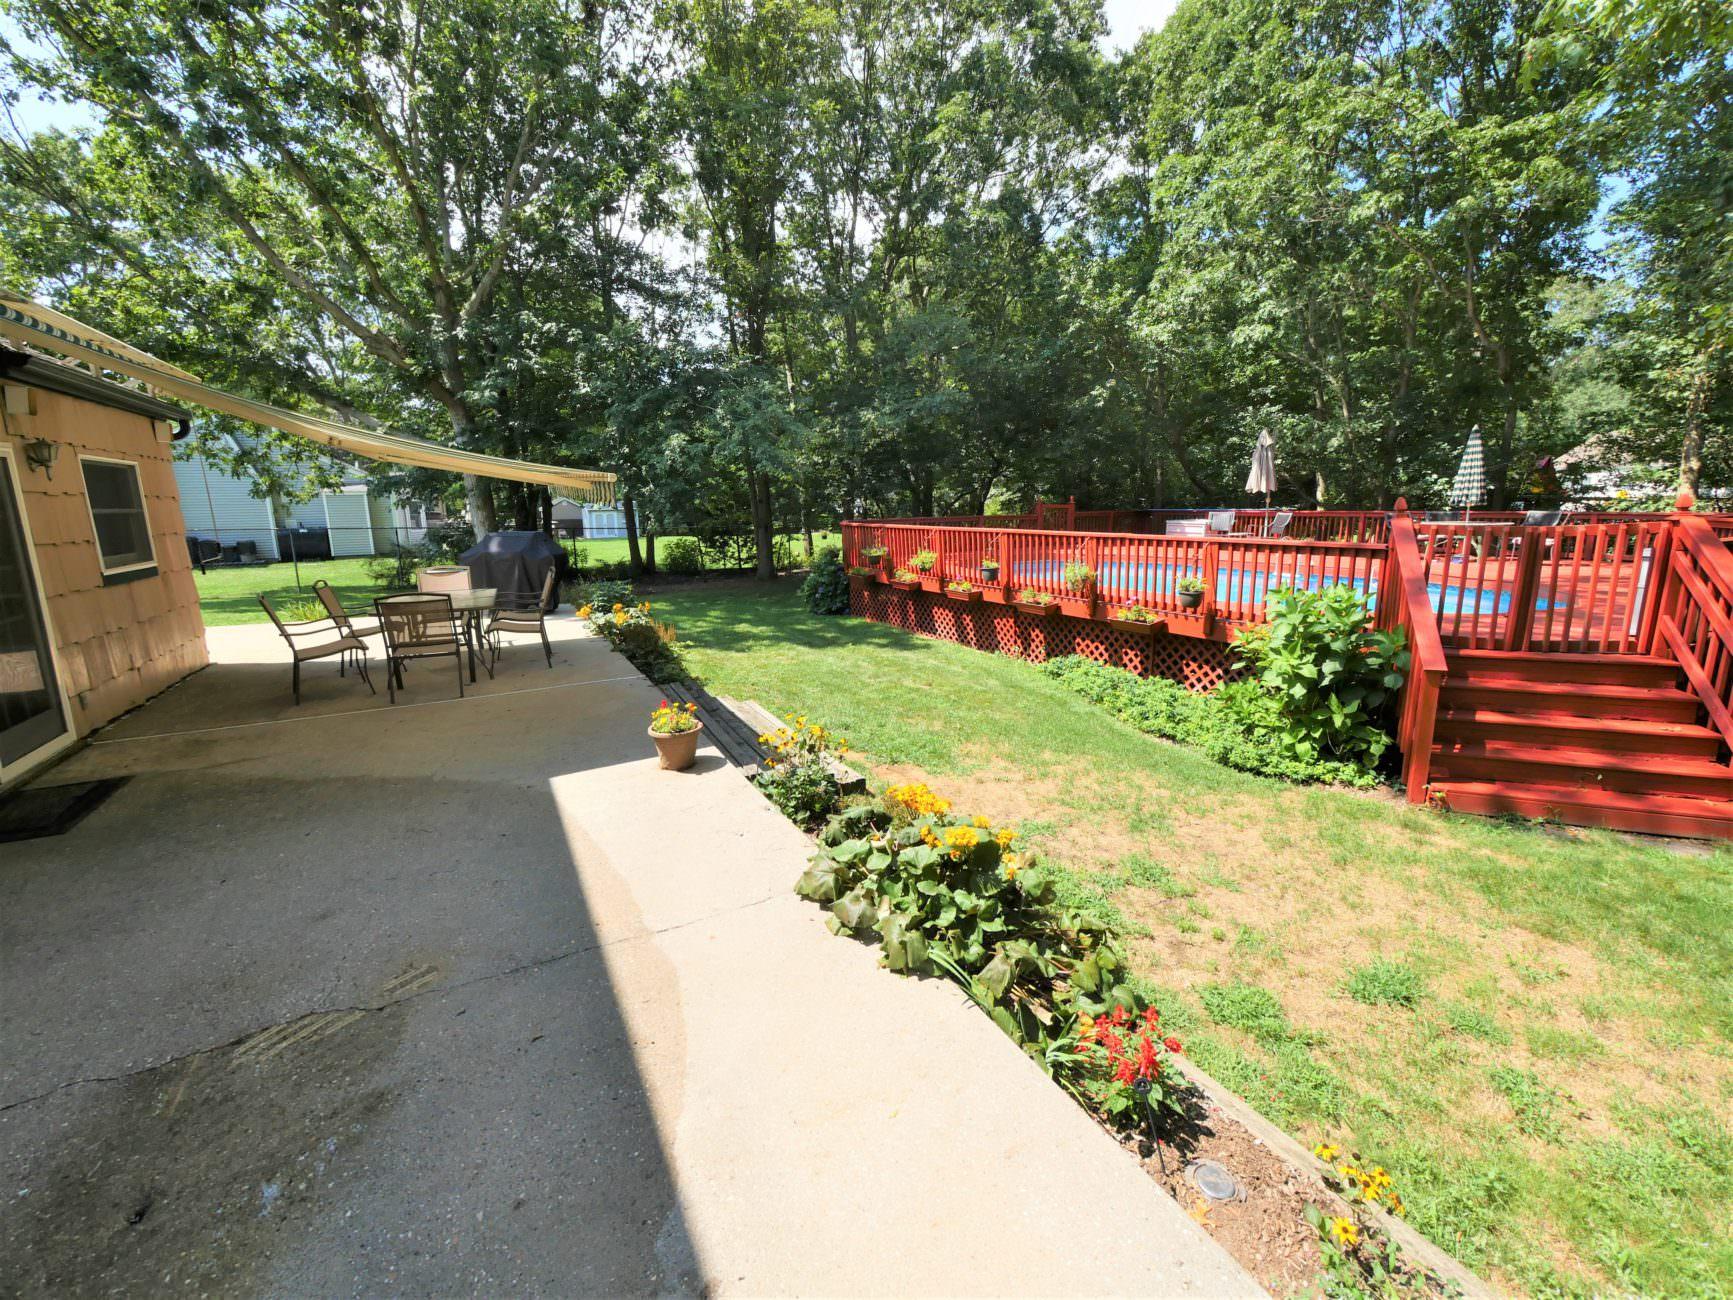 7 Plum Tree Lane. Mount Sinai, NY 11766